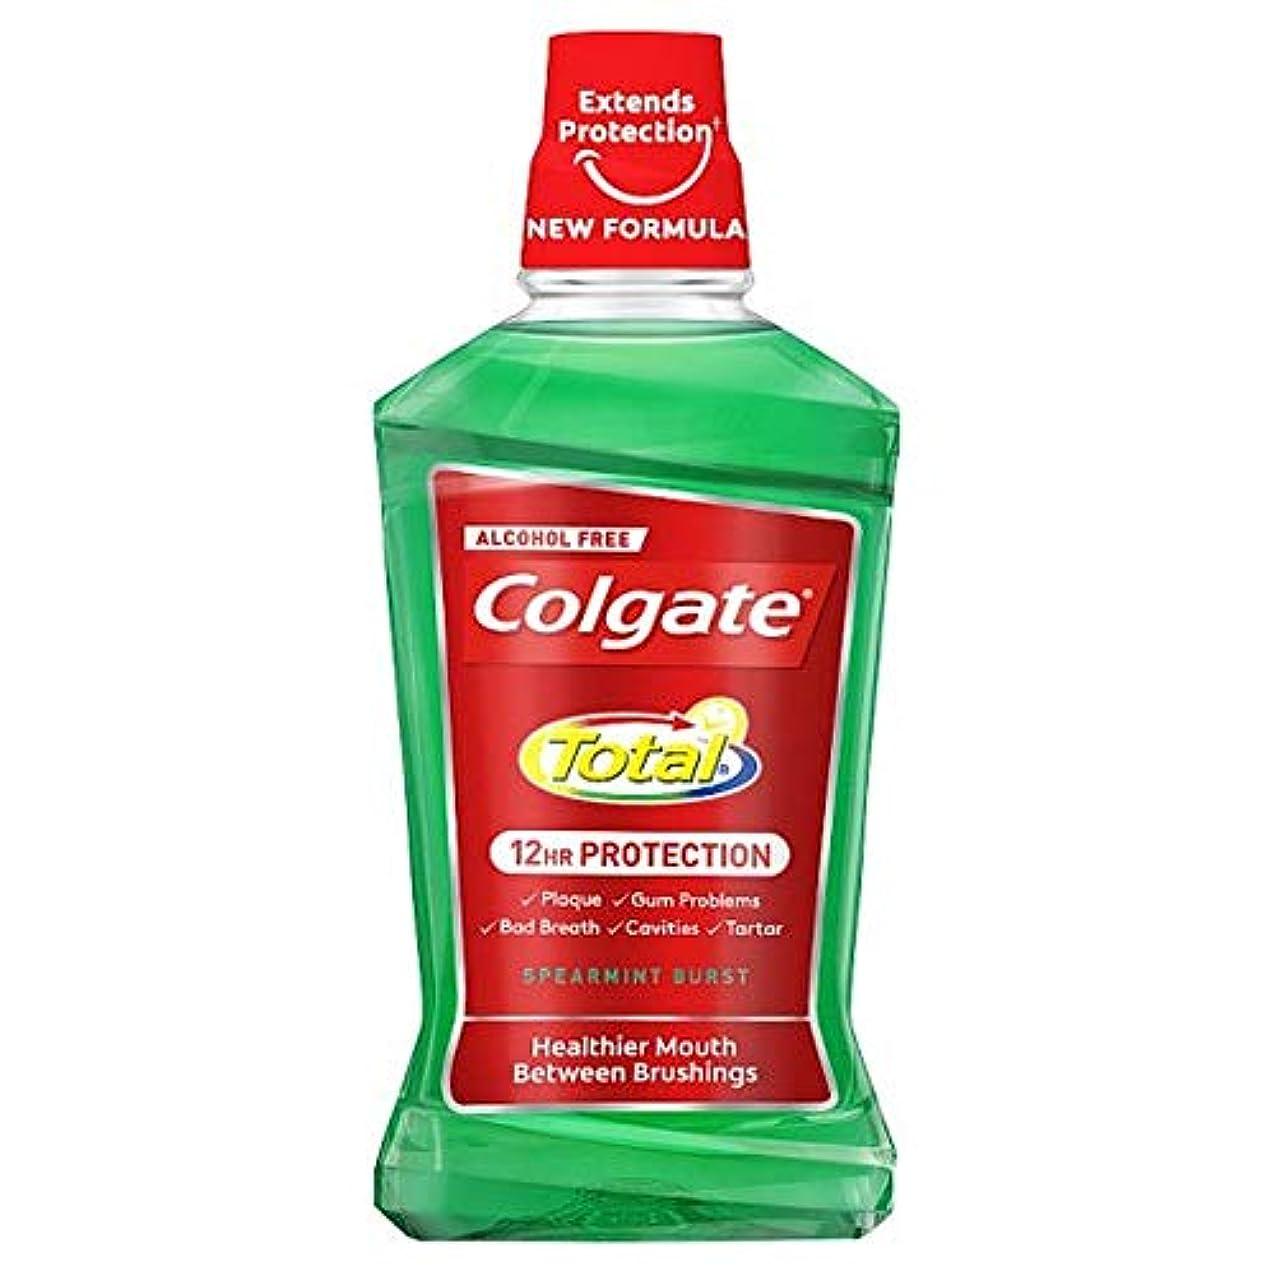 議題ロッドフリンジ[Colgate ] コルゲートトータル高度なスペアミントマウスウォッシュ500ミリリットル - Colgate Total Advanced Spearmint Mouthwash 500Ml [並行輸入品]